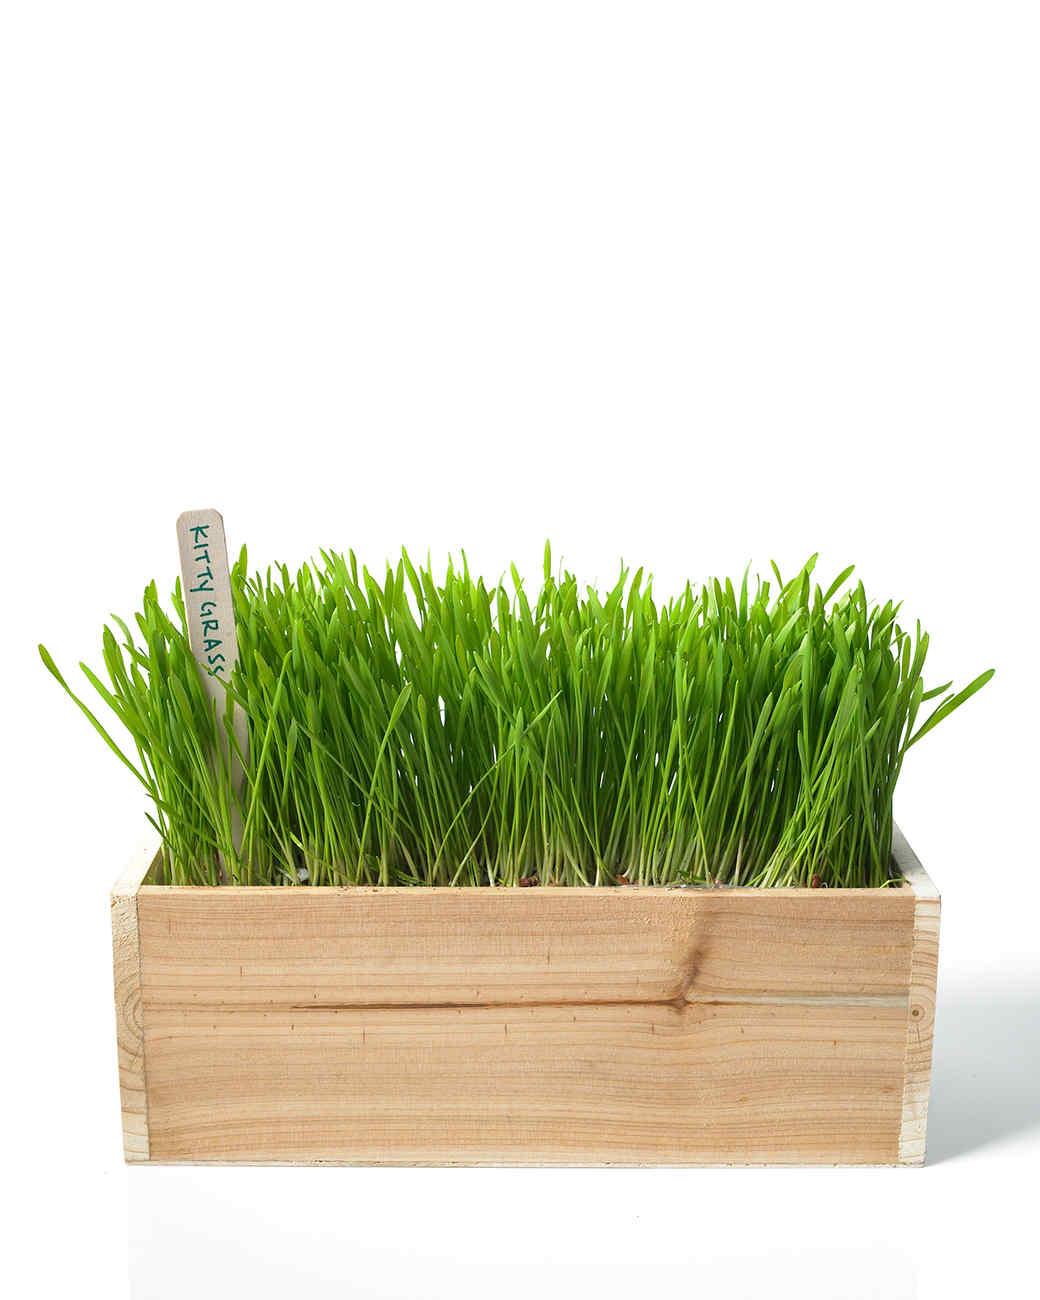 ld105281_0110_kitty_grass_hd.jpg